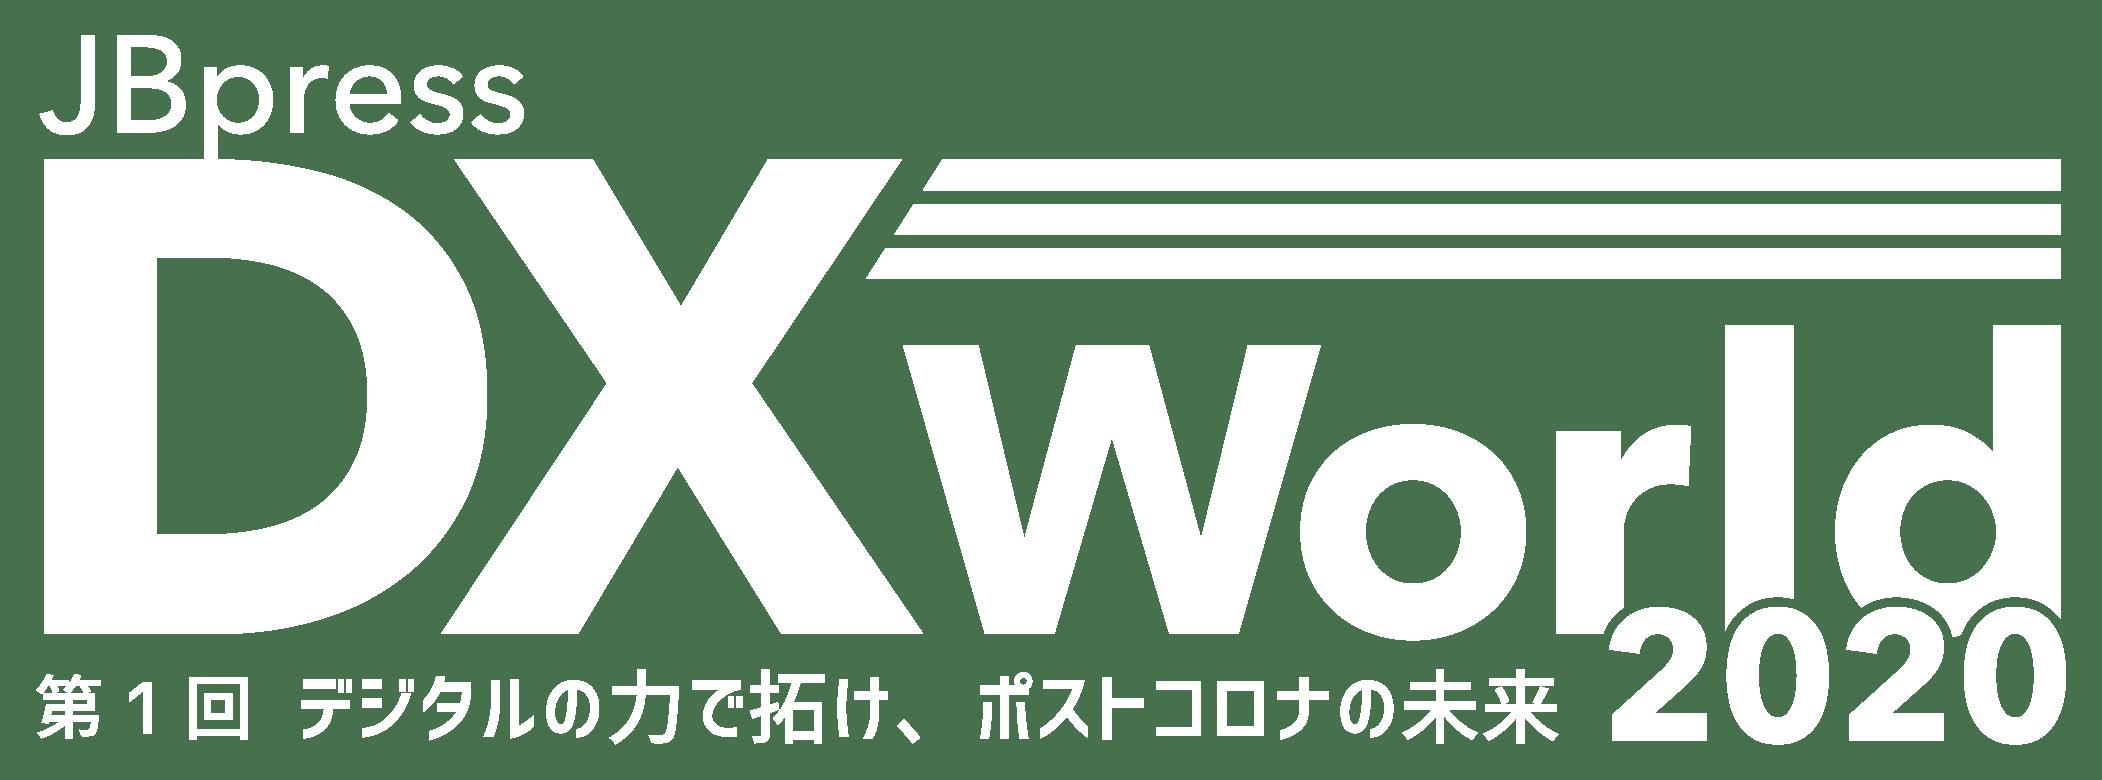 2020 東京 デジタル イノベーション